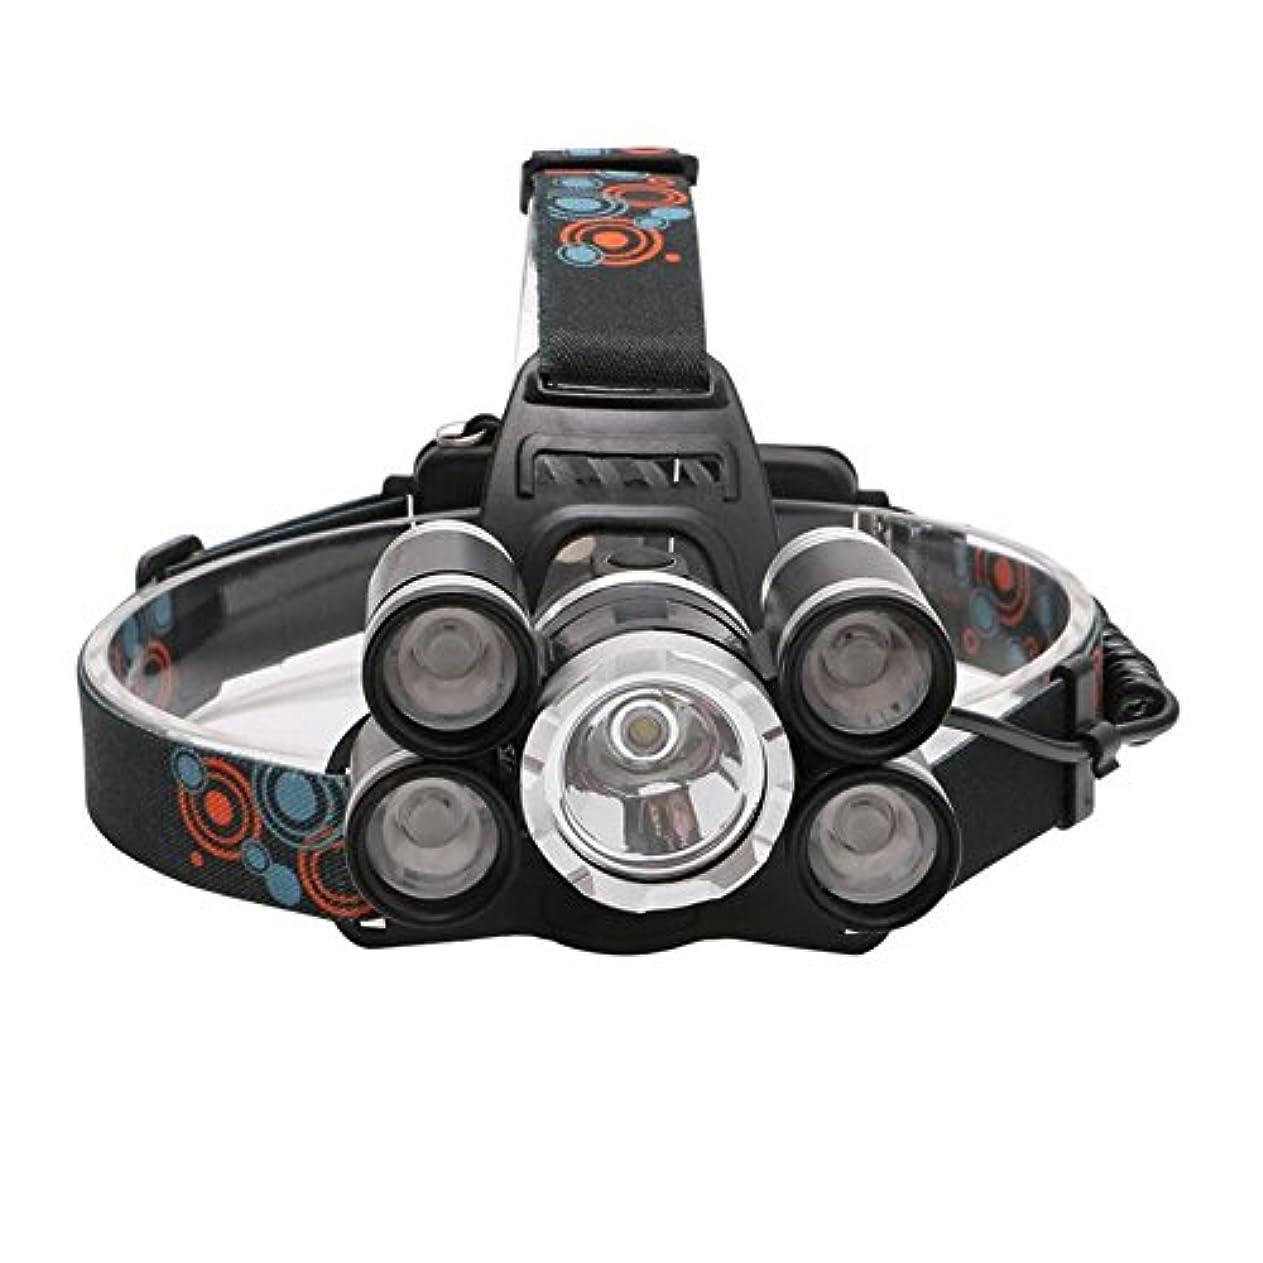 変なみがきます腐敗LED充電式ヘッドランプ、スーパーブライトヘッドトーチ、4モード、防水ヘッドライトスポットライト、サイクリング、クライミング、キャンプ、犬の散歩、ハイキング(バッテリーと充電器付き)